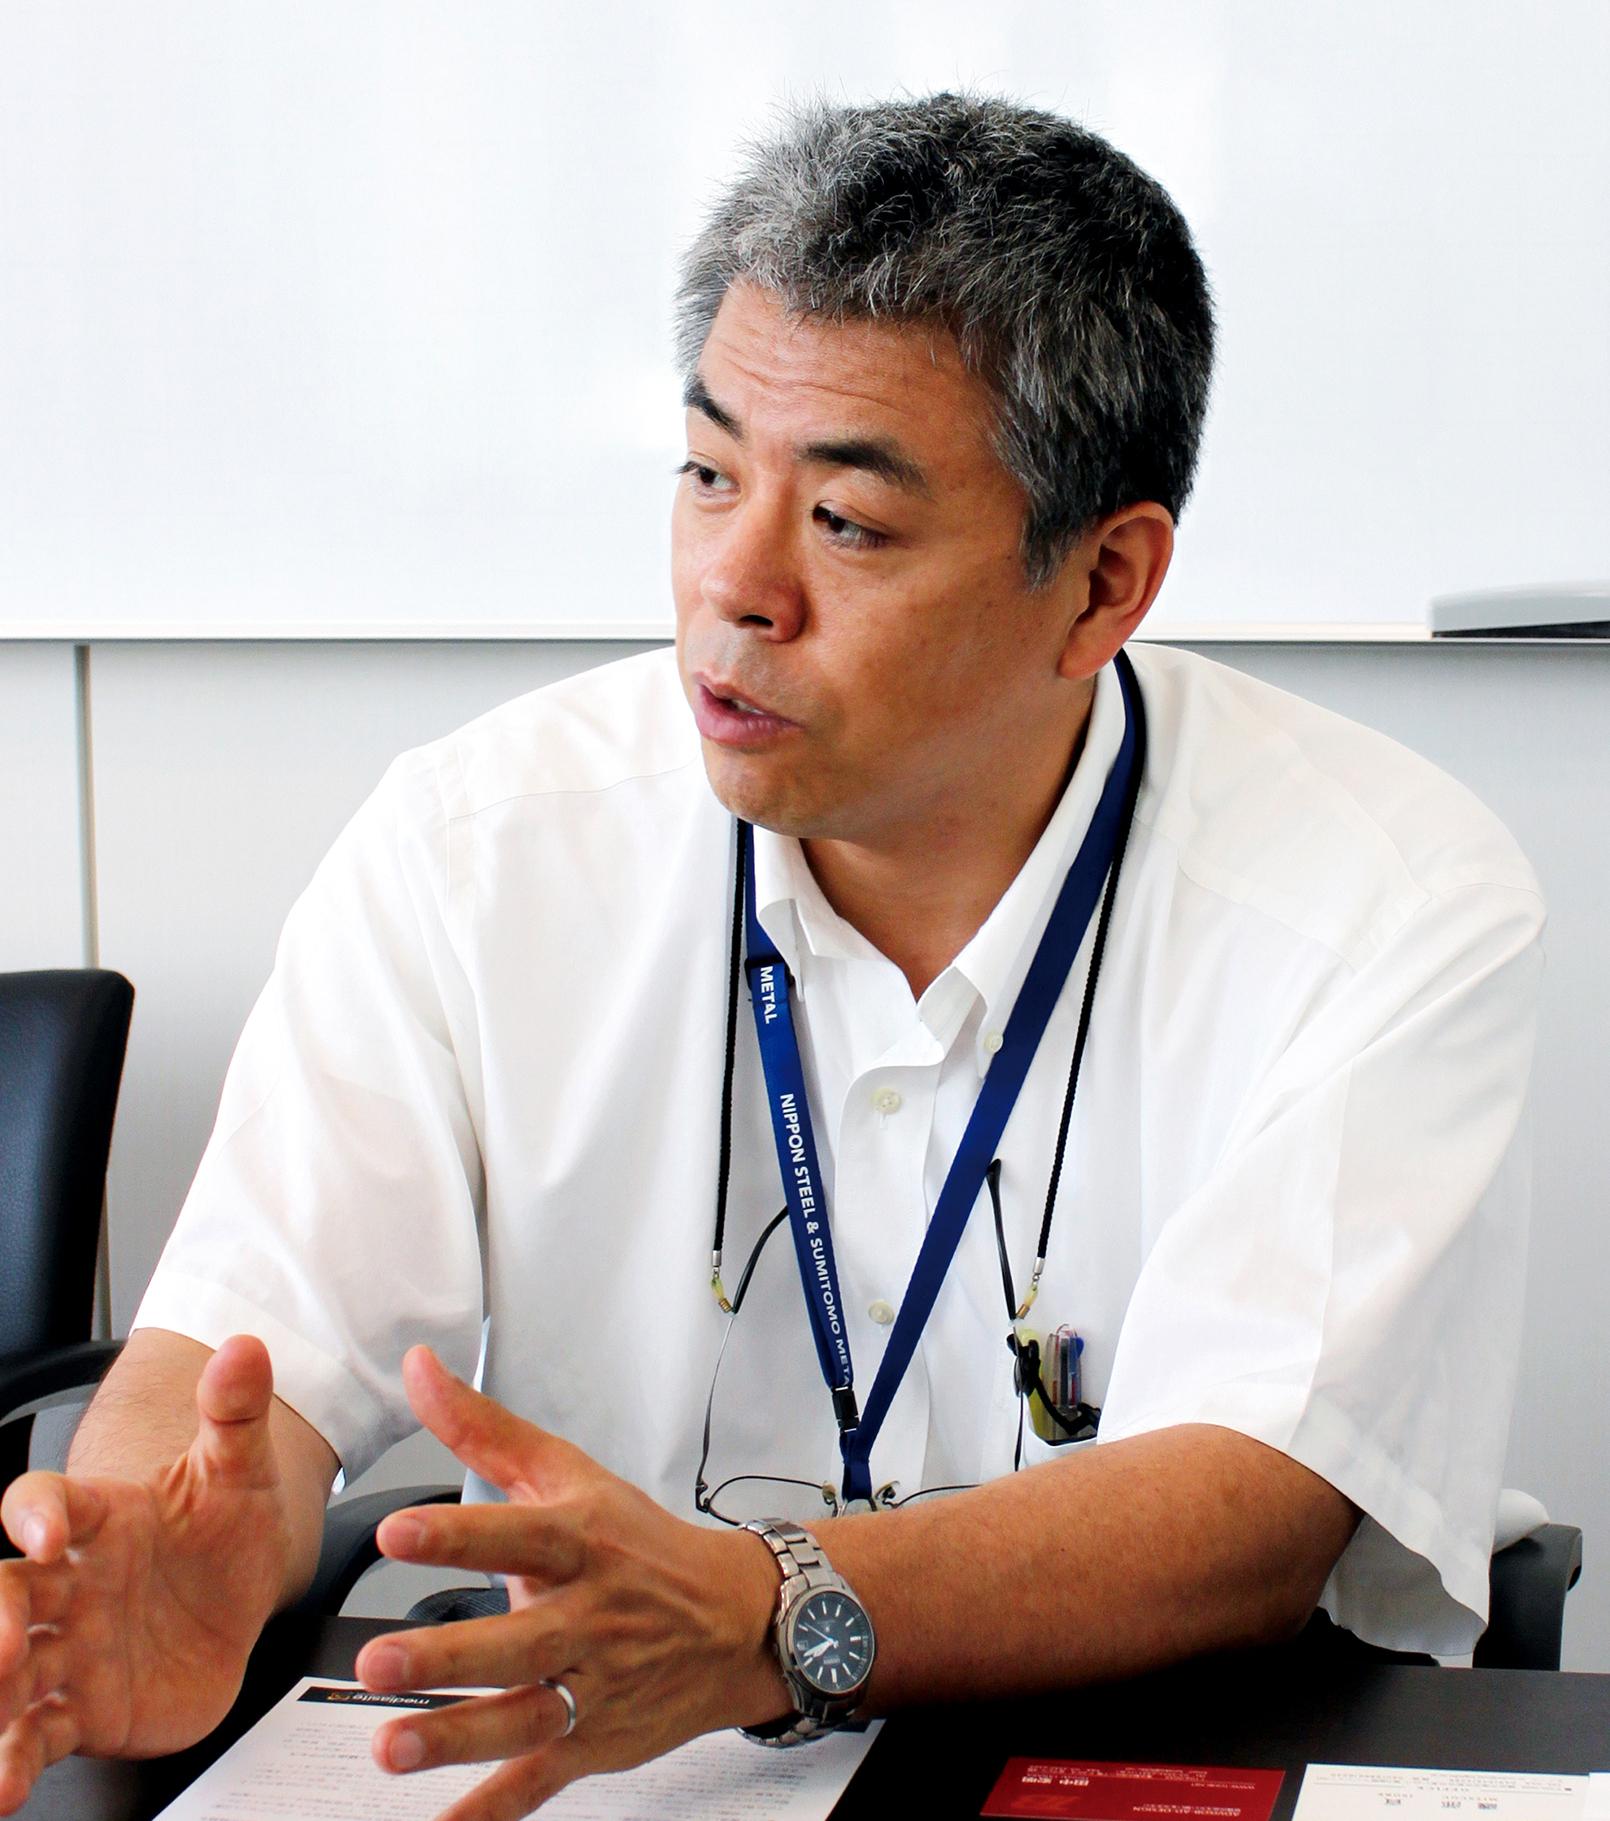 新日鐵住金株式会社 技術統括部 水谷 泰氏